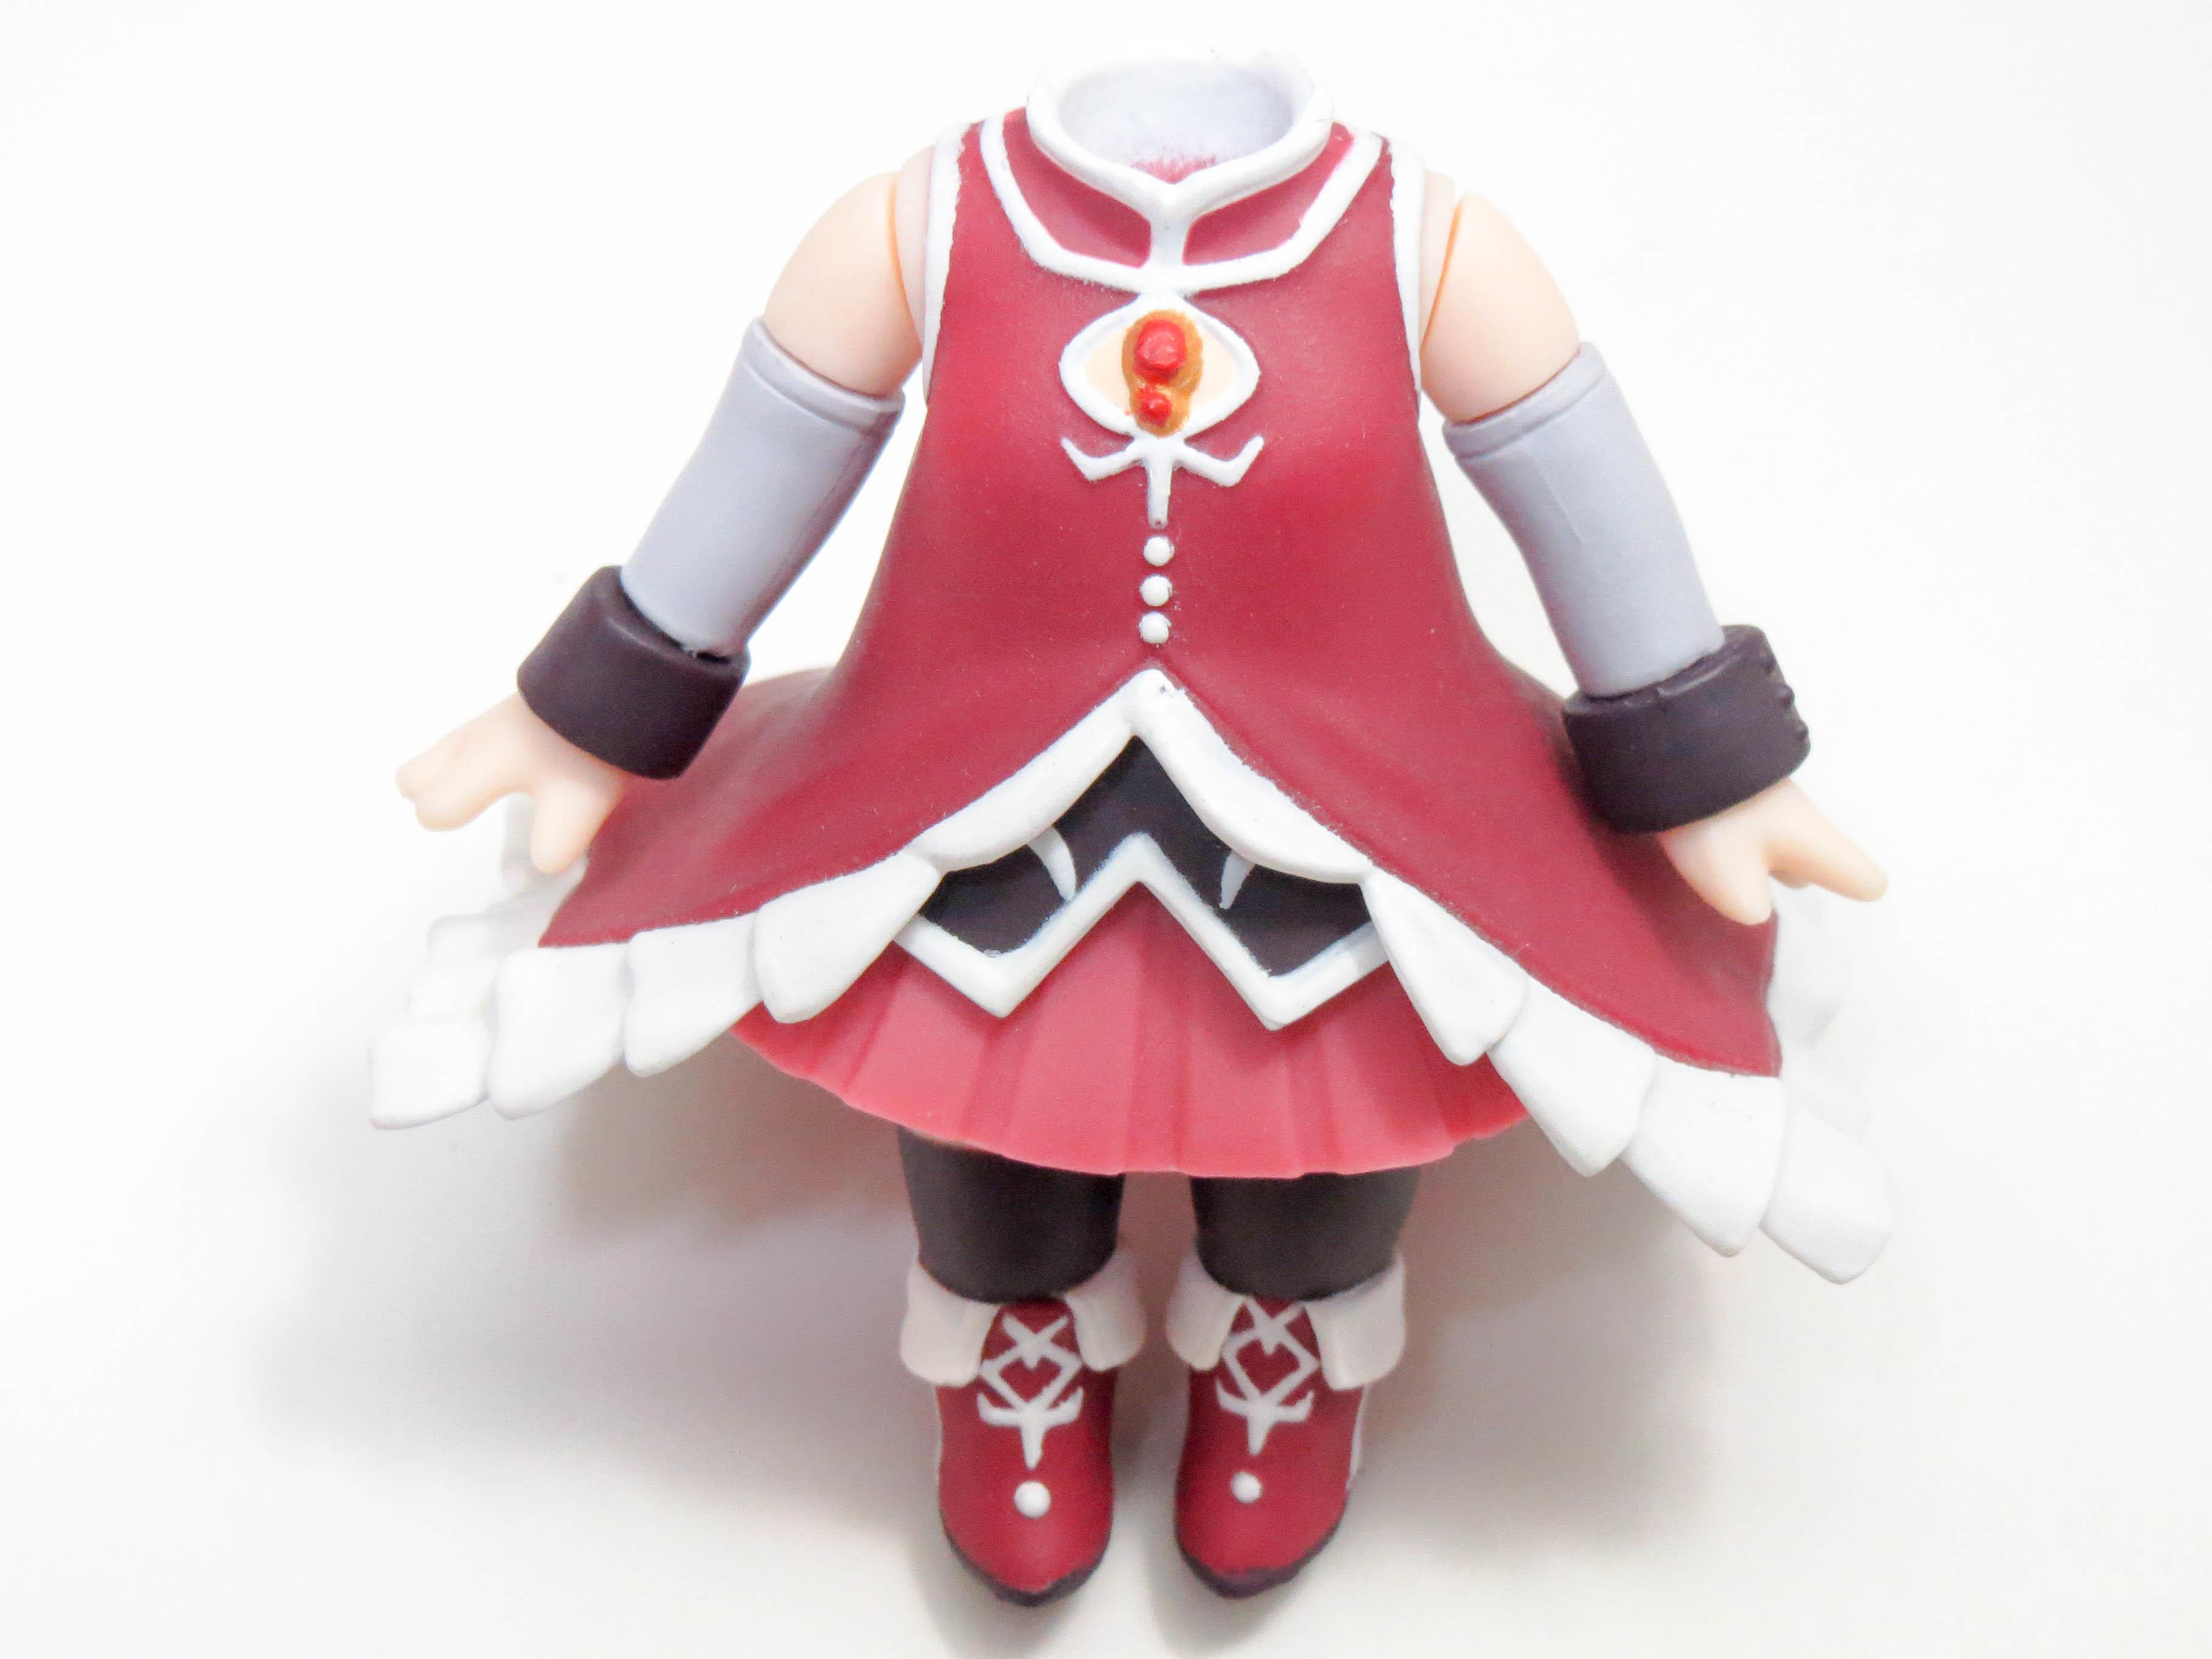 【217】 佐倉杏子 体パーツ 魔法少女の服 ねんどろいど